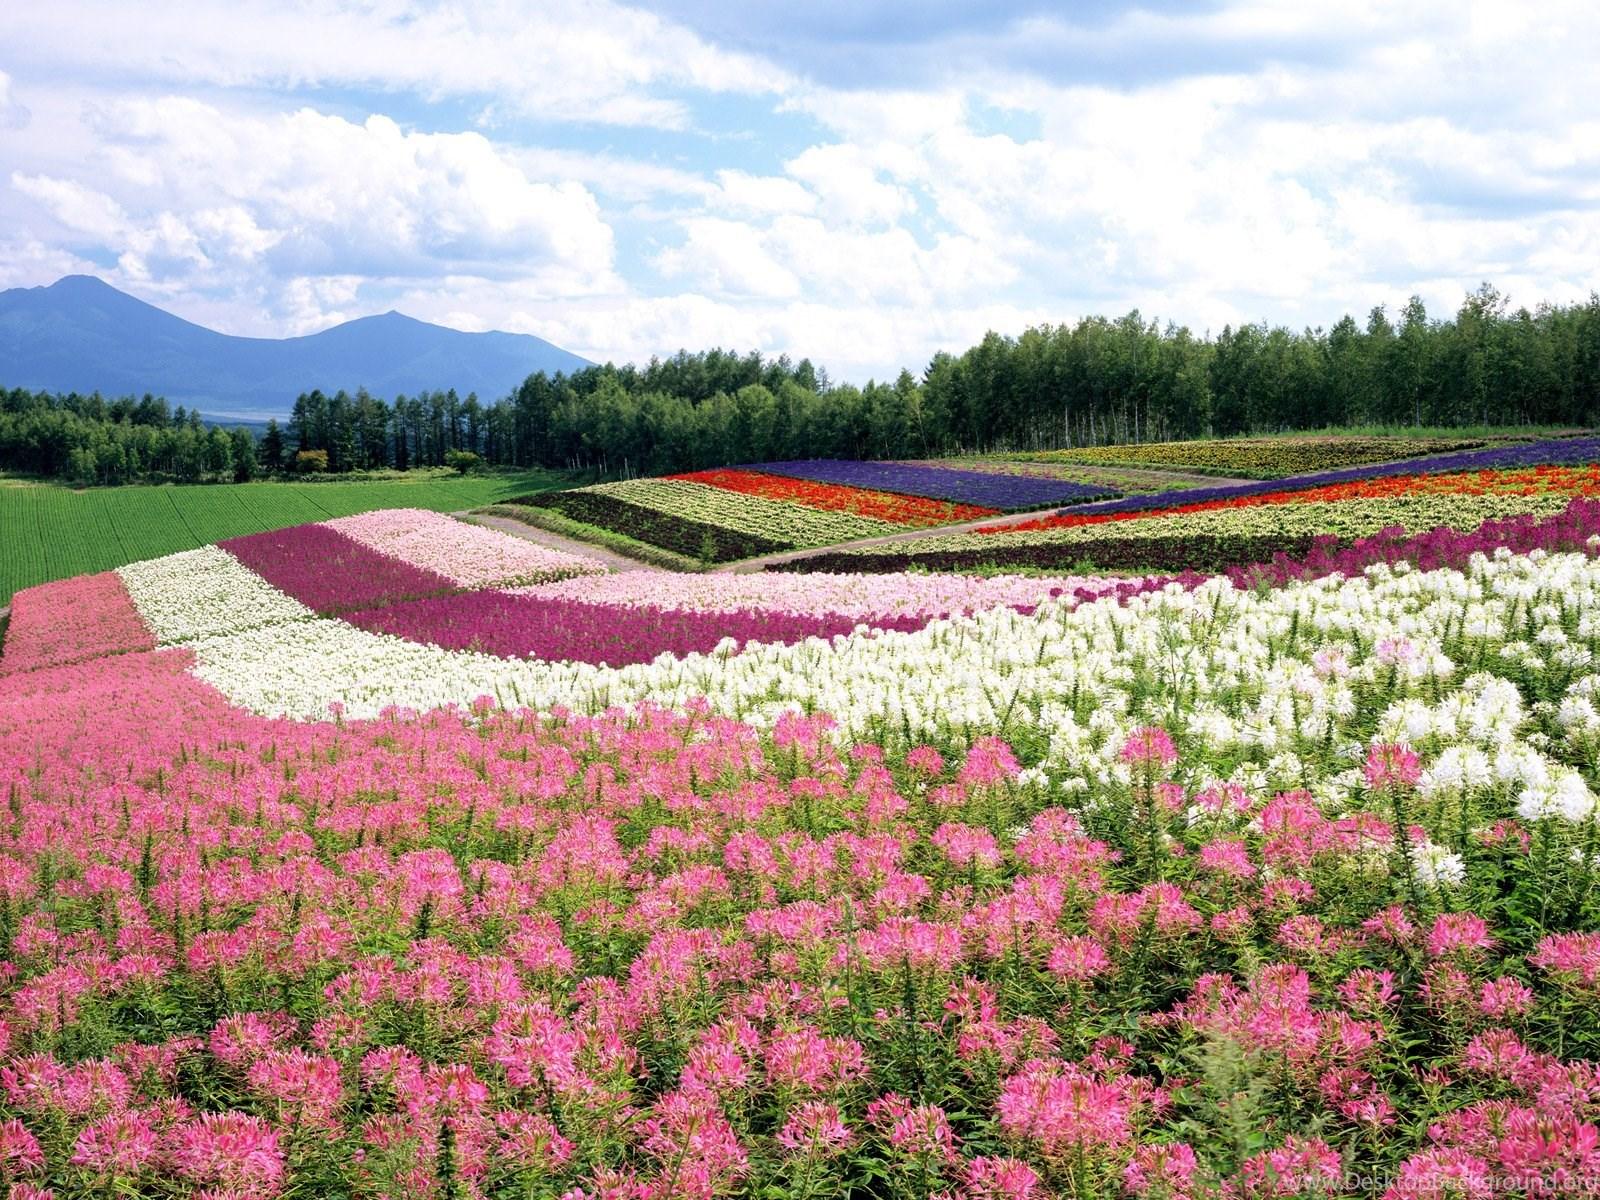 Beautiful Flower Garden Wallpapers Free Download Df7 Desktop Background